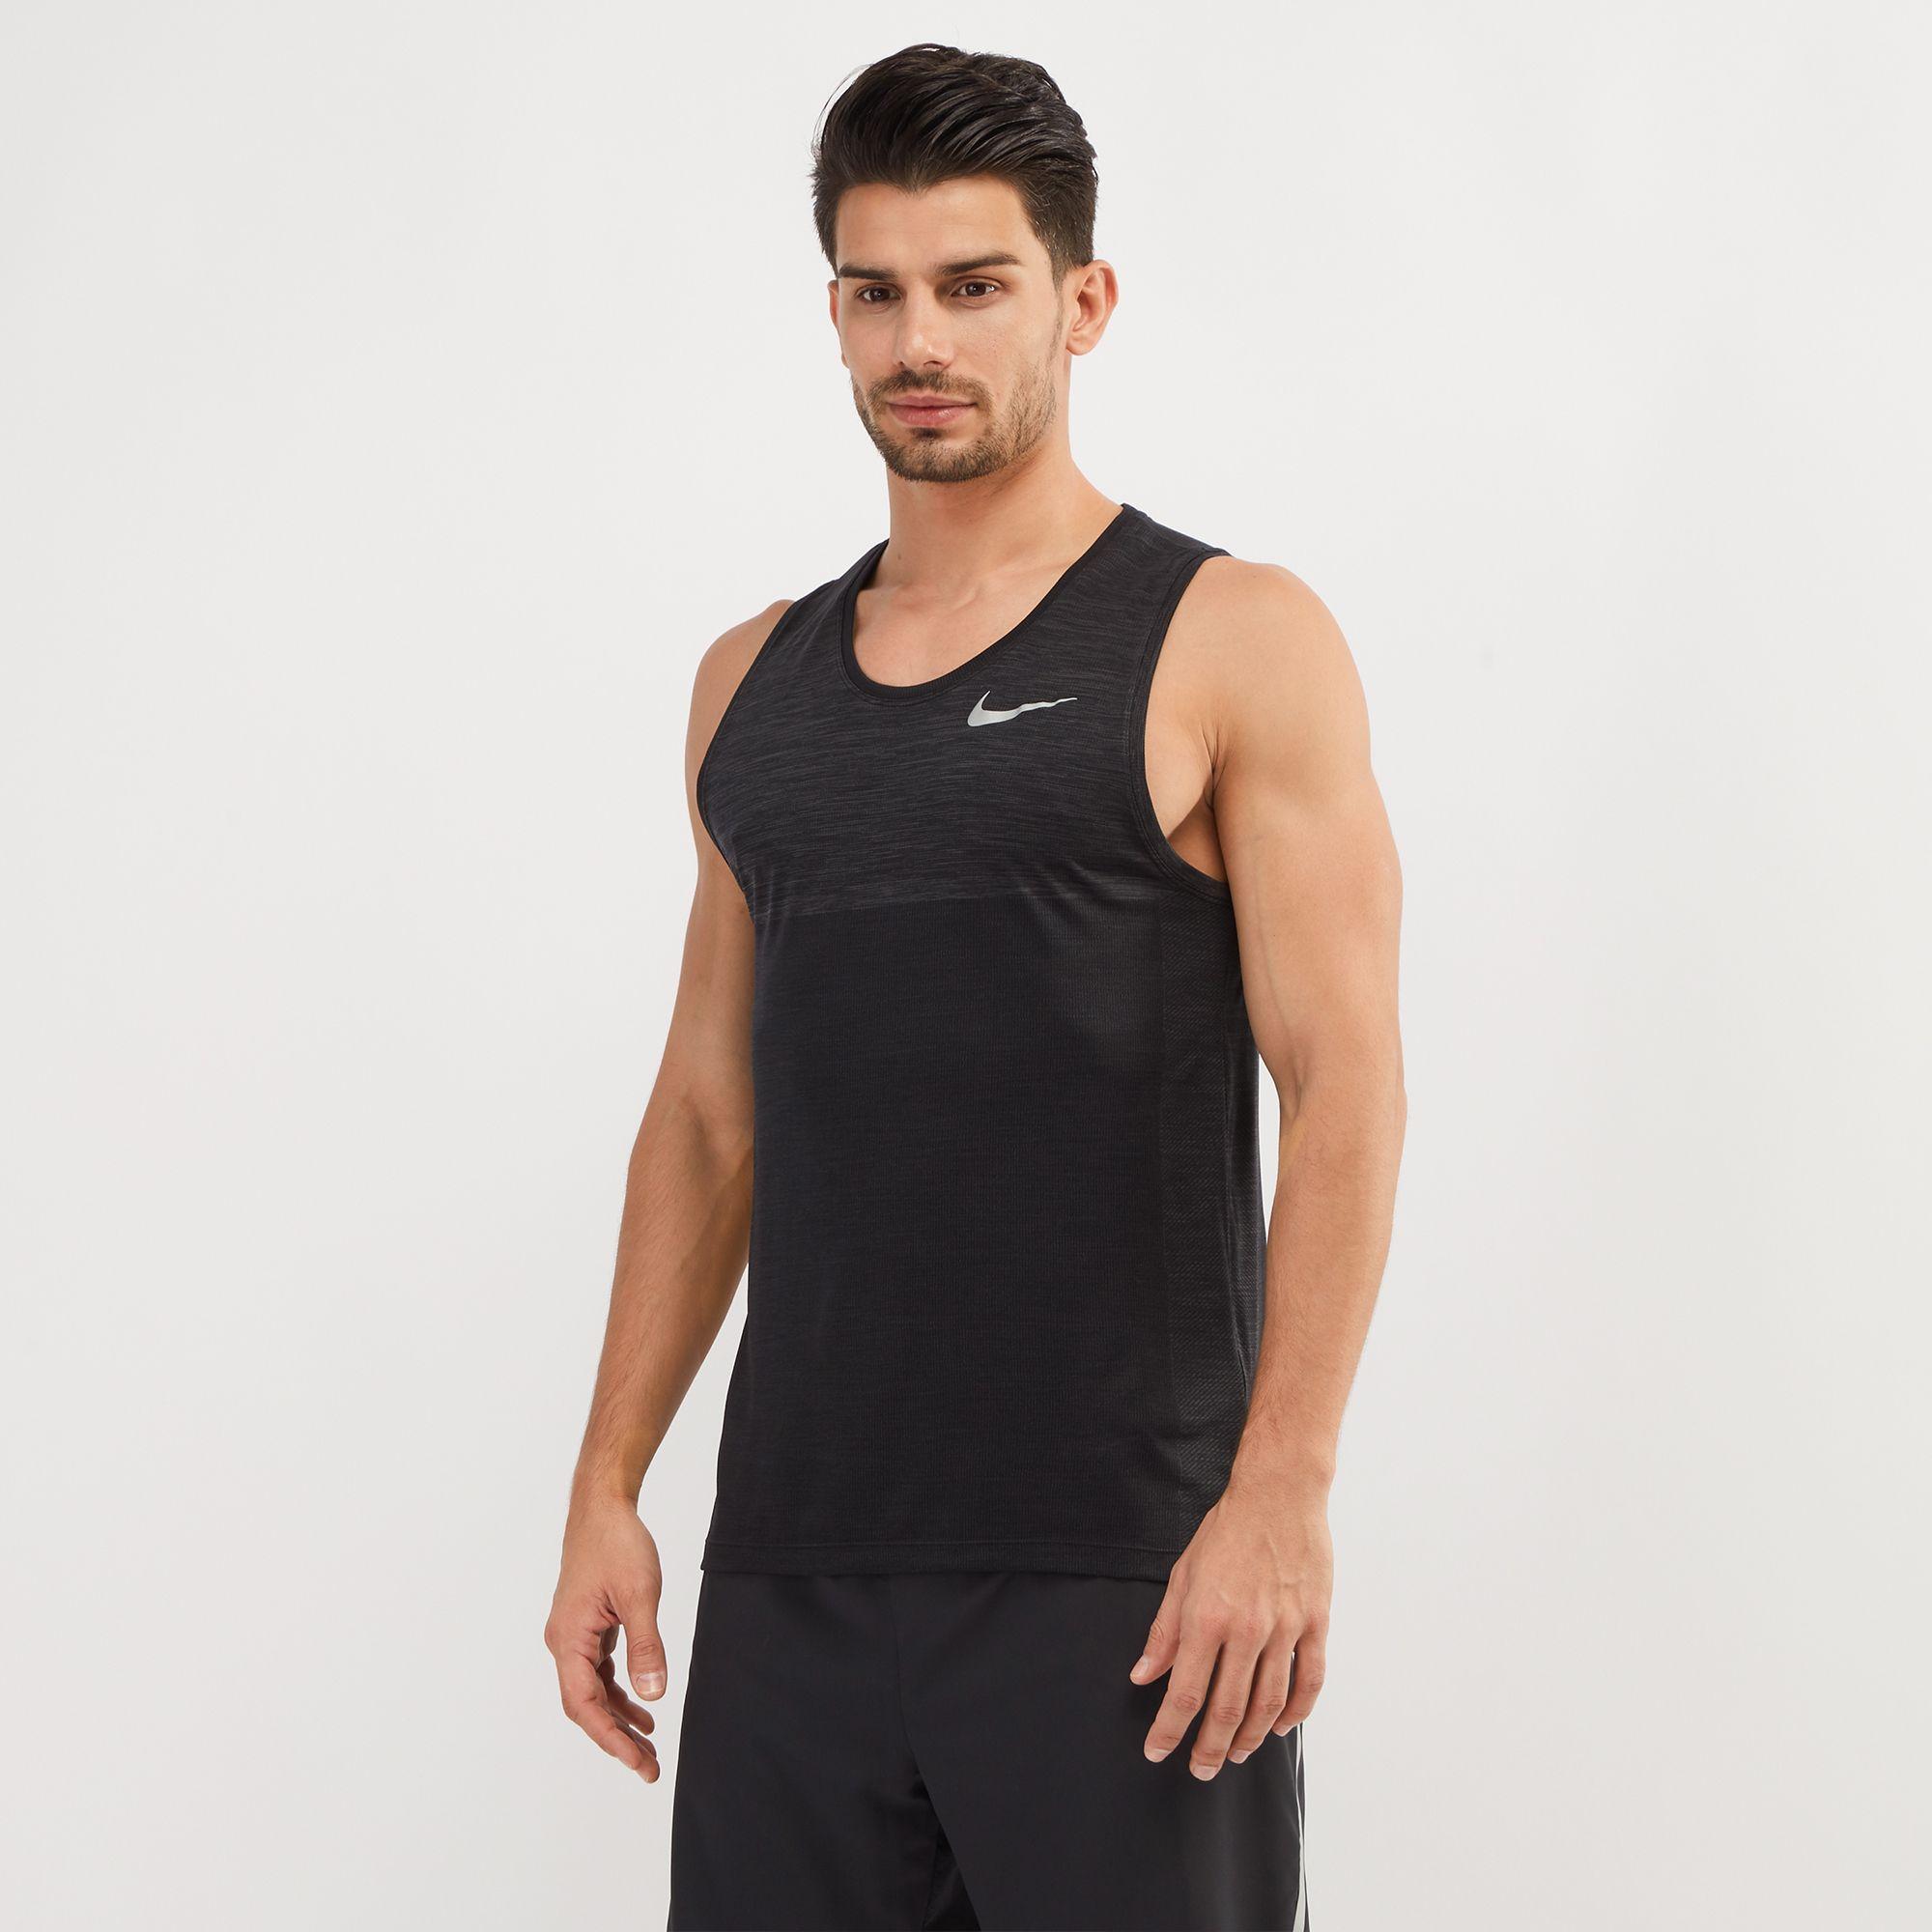 Íntimo Adjunto archivo fusión  Shop Nike Dri Fit Medalist Running Tank Top Nkap924613 060 ...